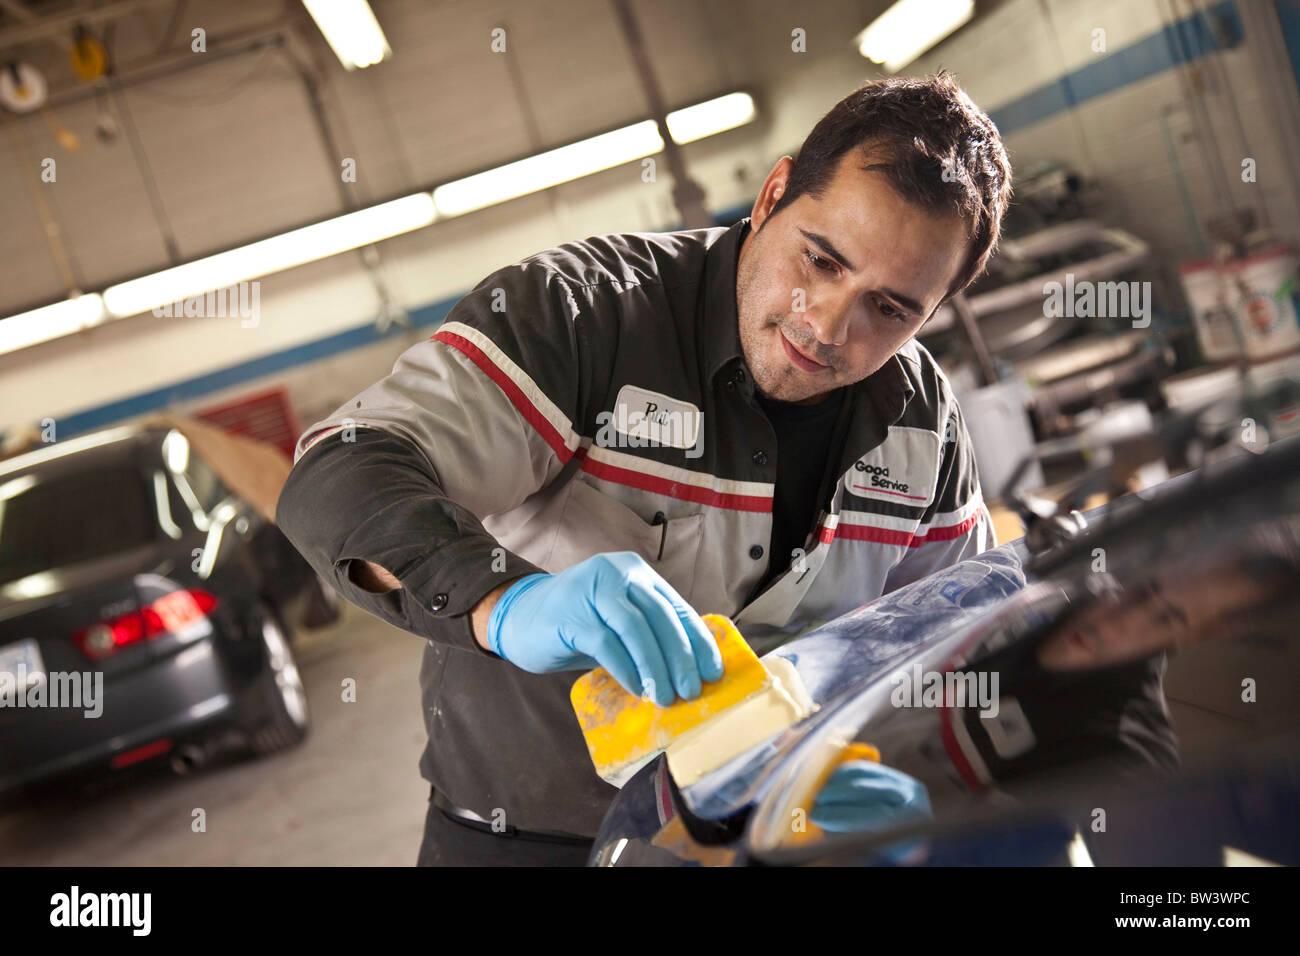 Mécanicien à l'aide de mastic pour boucher les trous Photo Stock